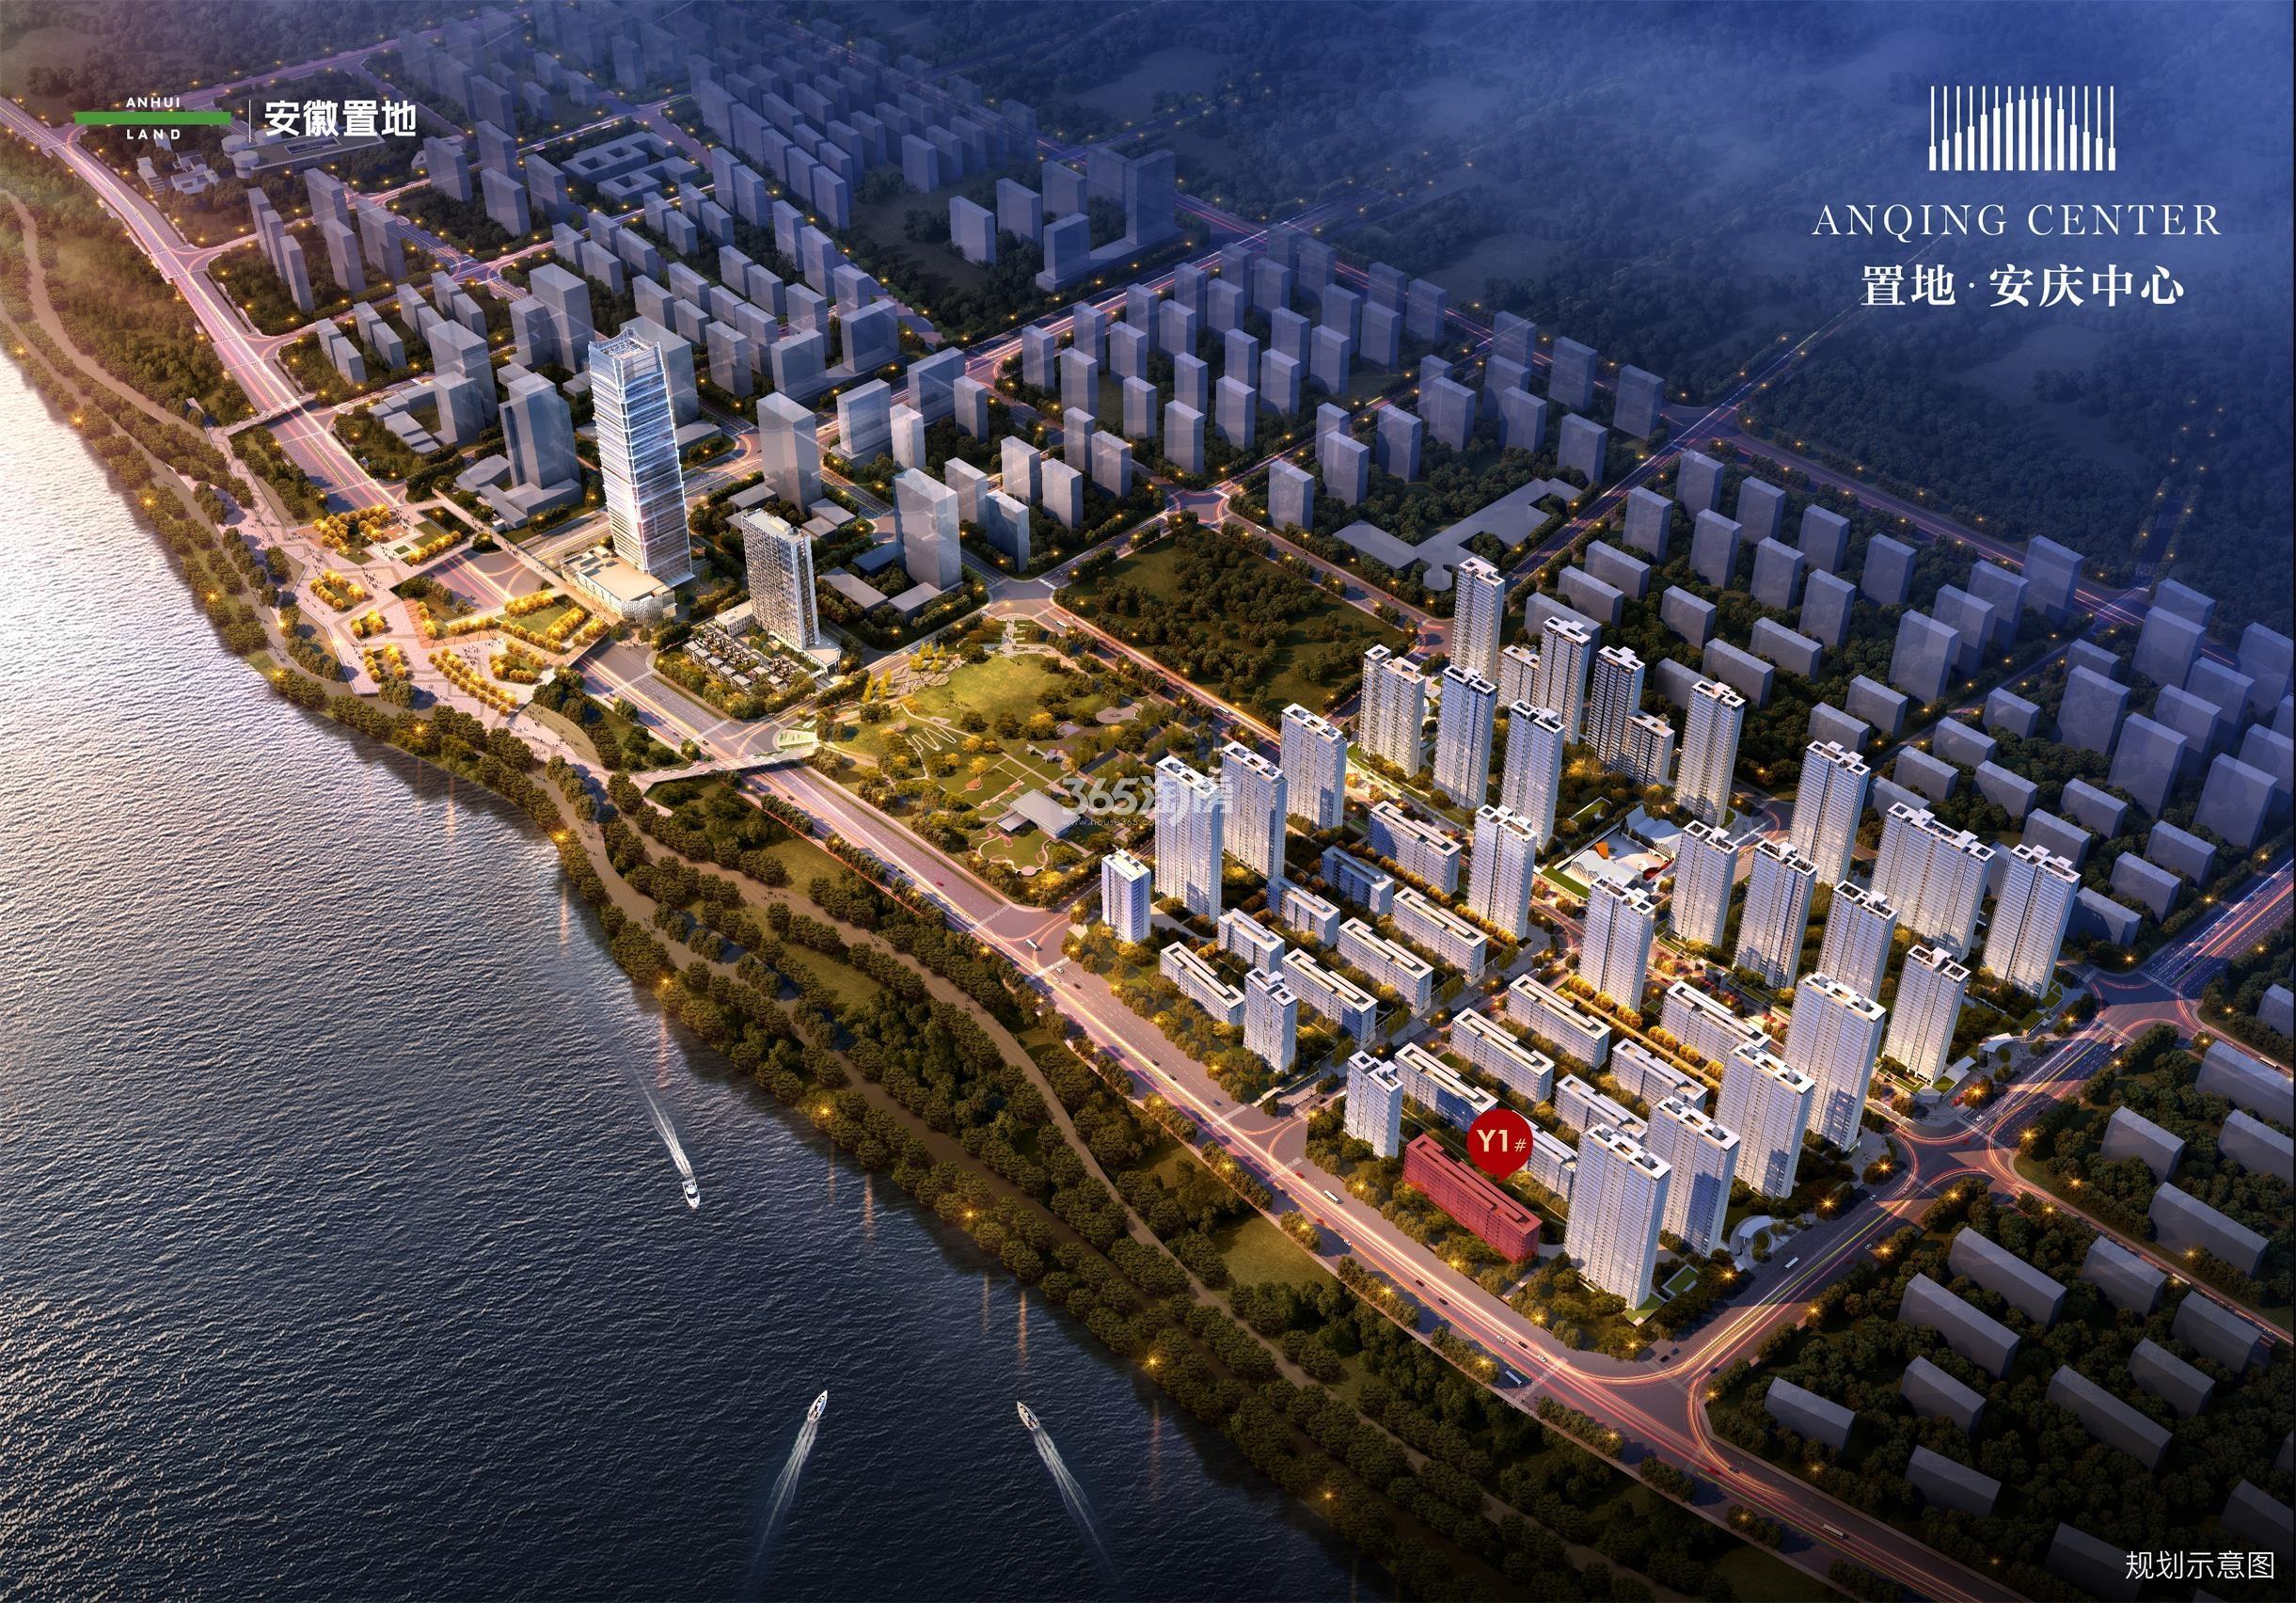 置地安庆中心鸟瞰图